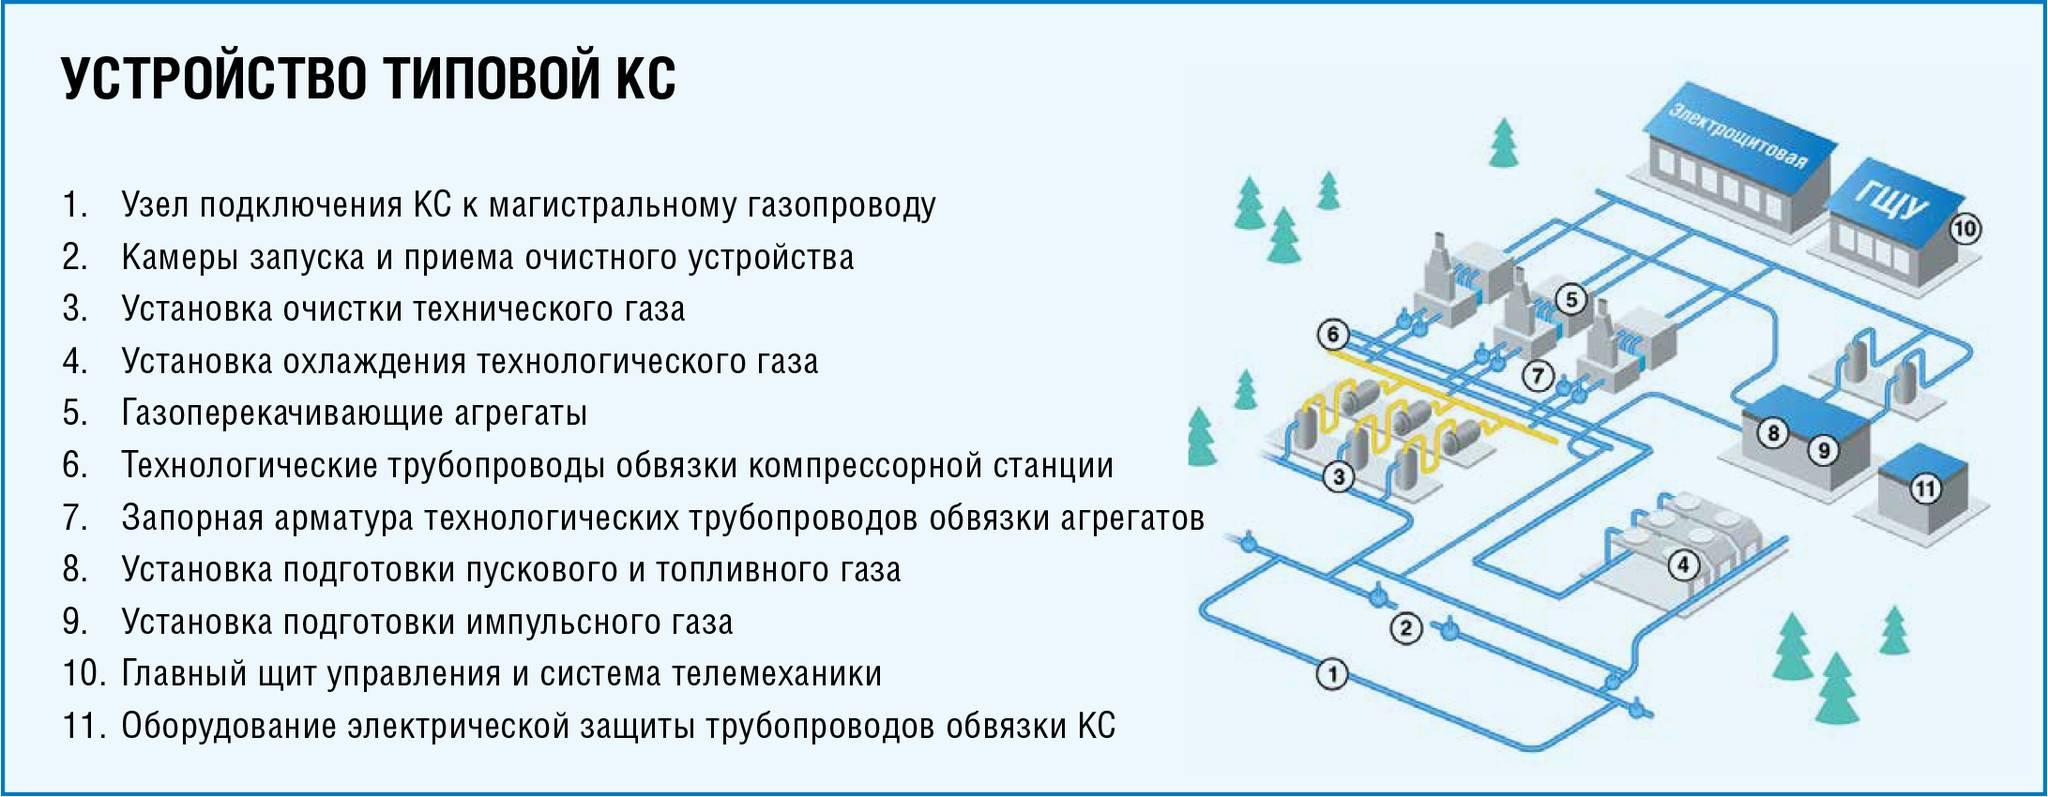 Правила эксплуатации газового оборудования в жилых домах: меры и нормы безопасного использования